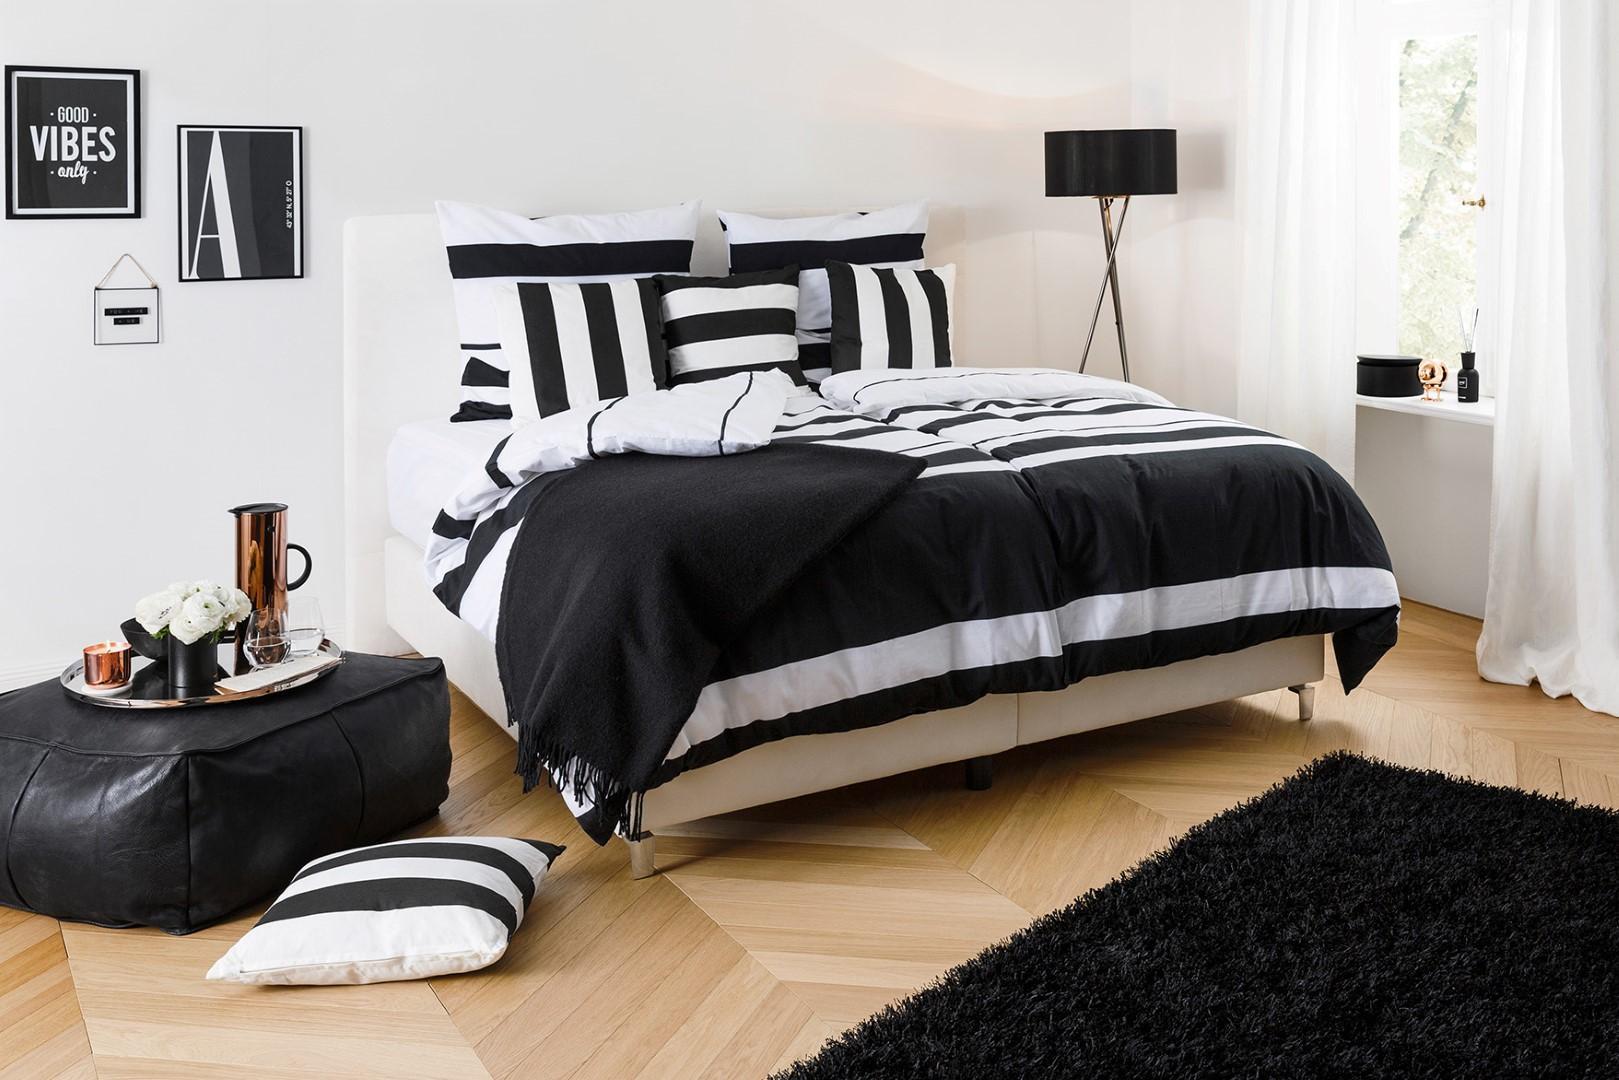 Arredamento rifai il look alla camera da letto tgcom24 - Nuova arredo camere da letto ...